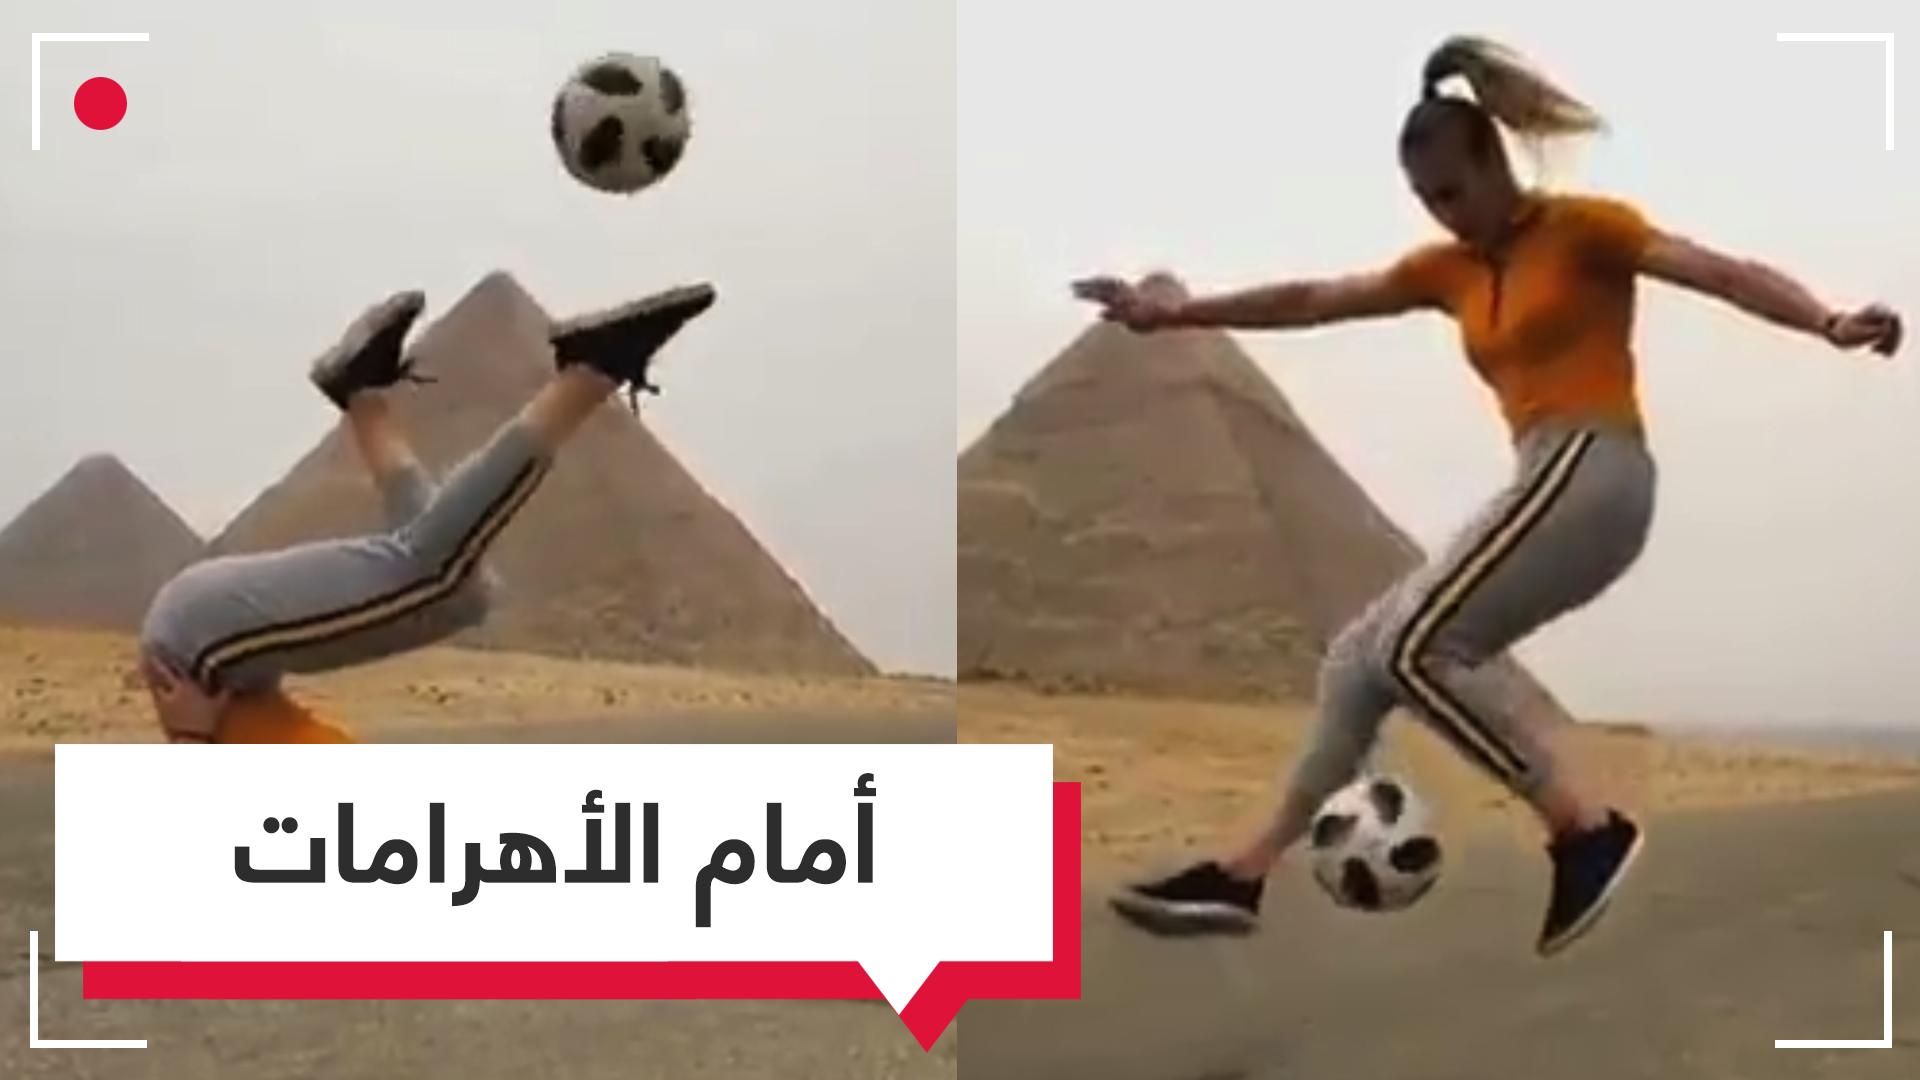 أمام أهرامات الجيزة.. بطلة العالم تستعرض مهاراتها بكرة